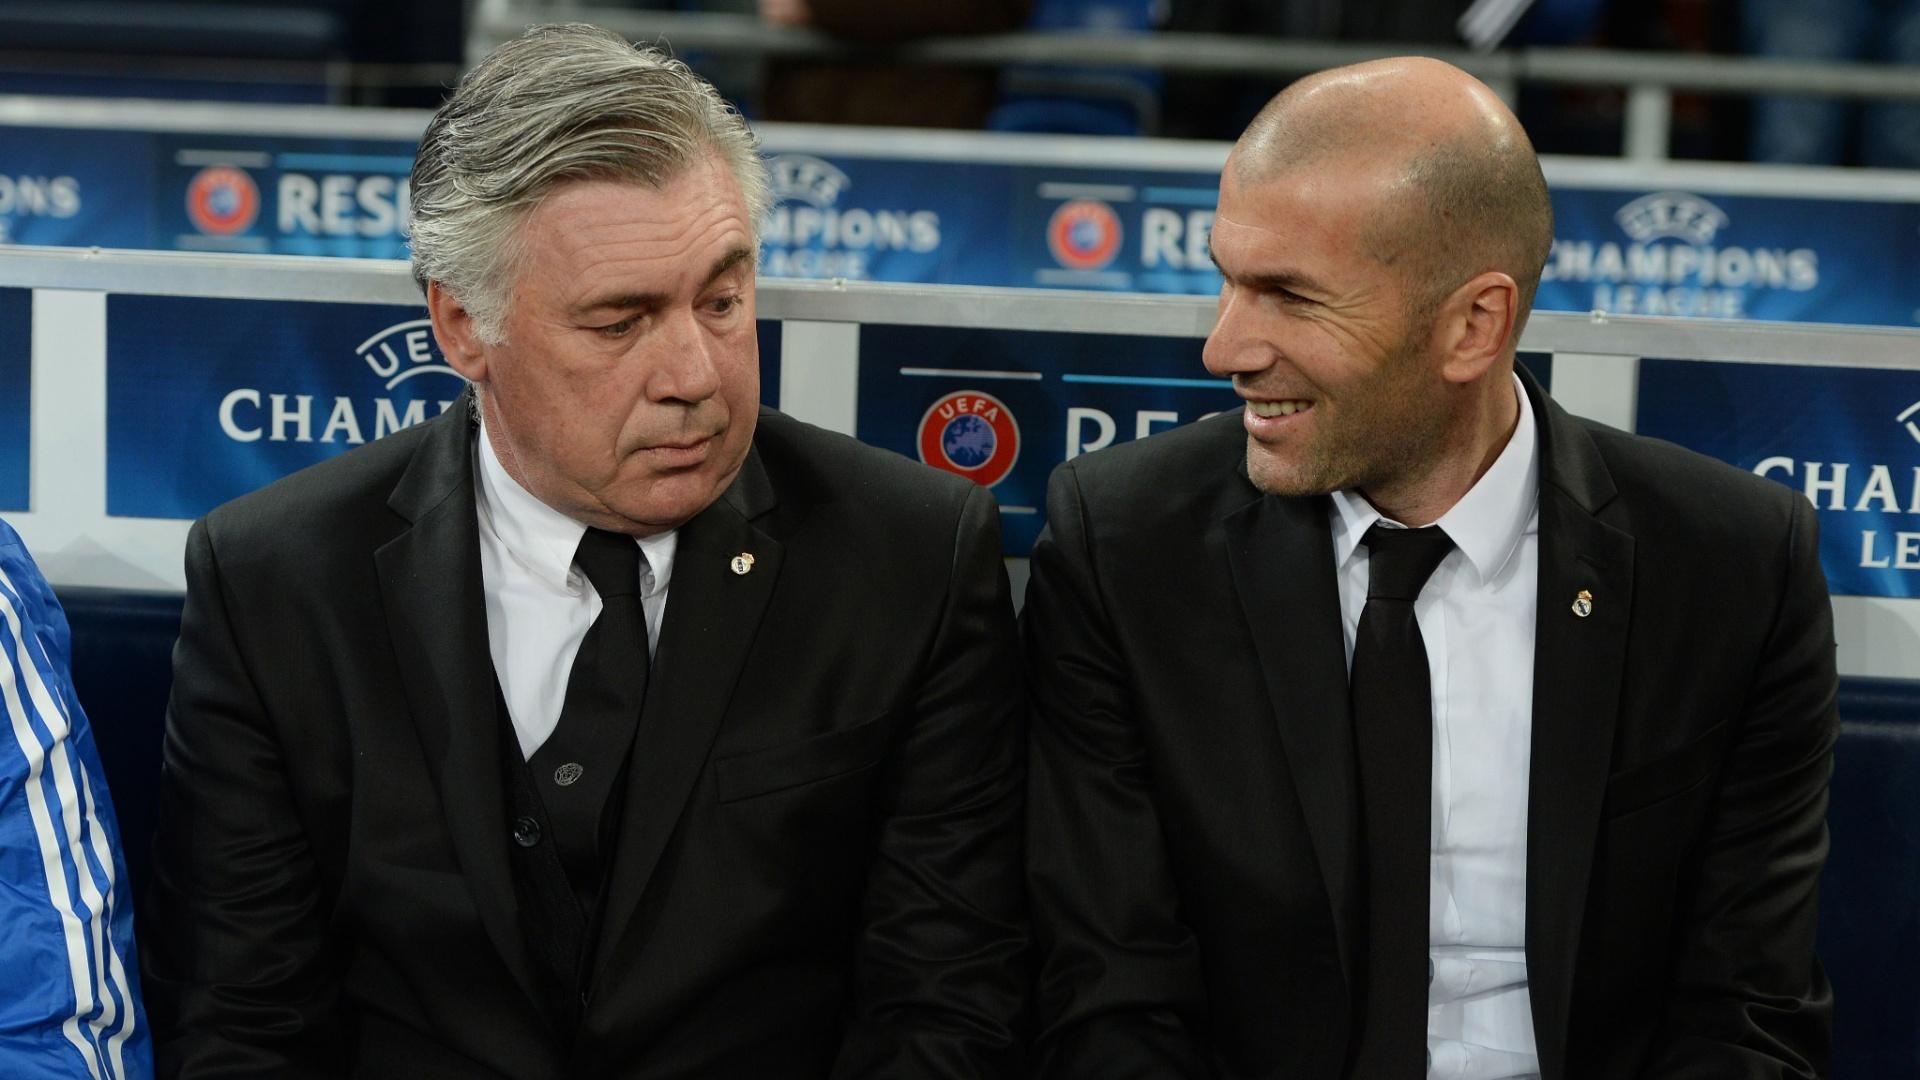 Ligue des champions:  ''Bayern Munich-Real Madrid'', voici ce qu'en pense Zidane